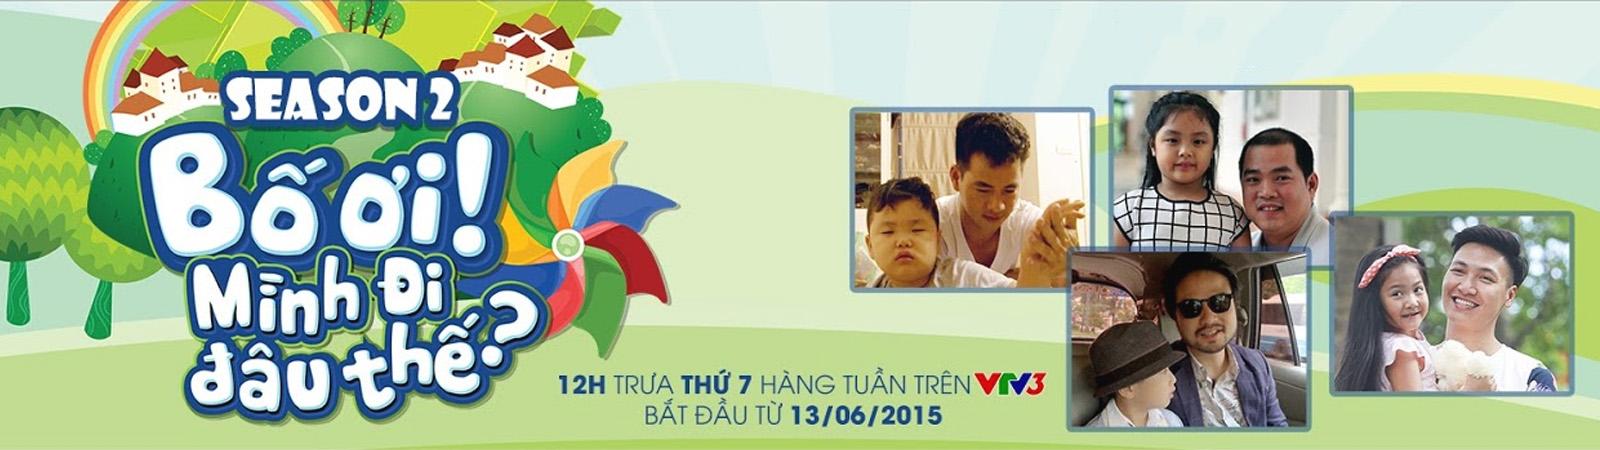 Tập 7 - Bố Ơi, Mình Đi Đâu Thế - Việt Nam